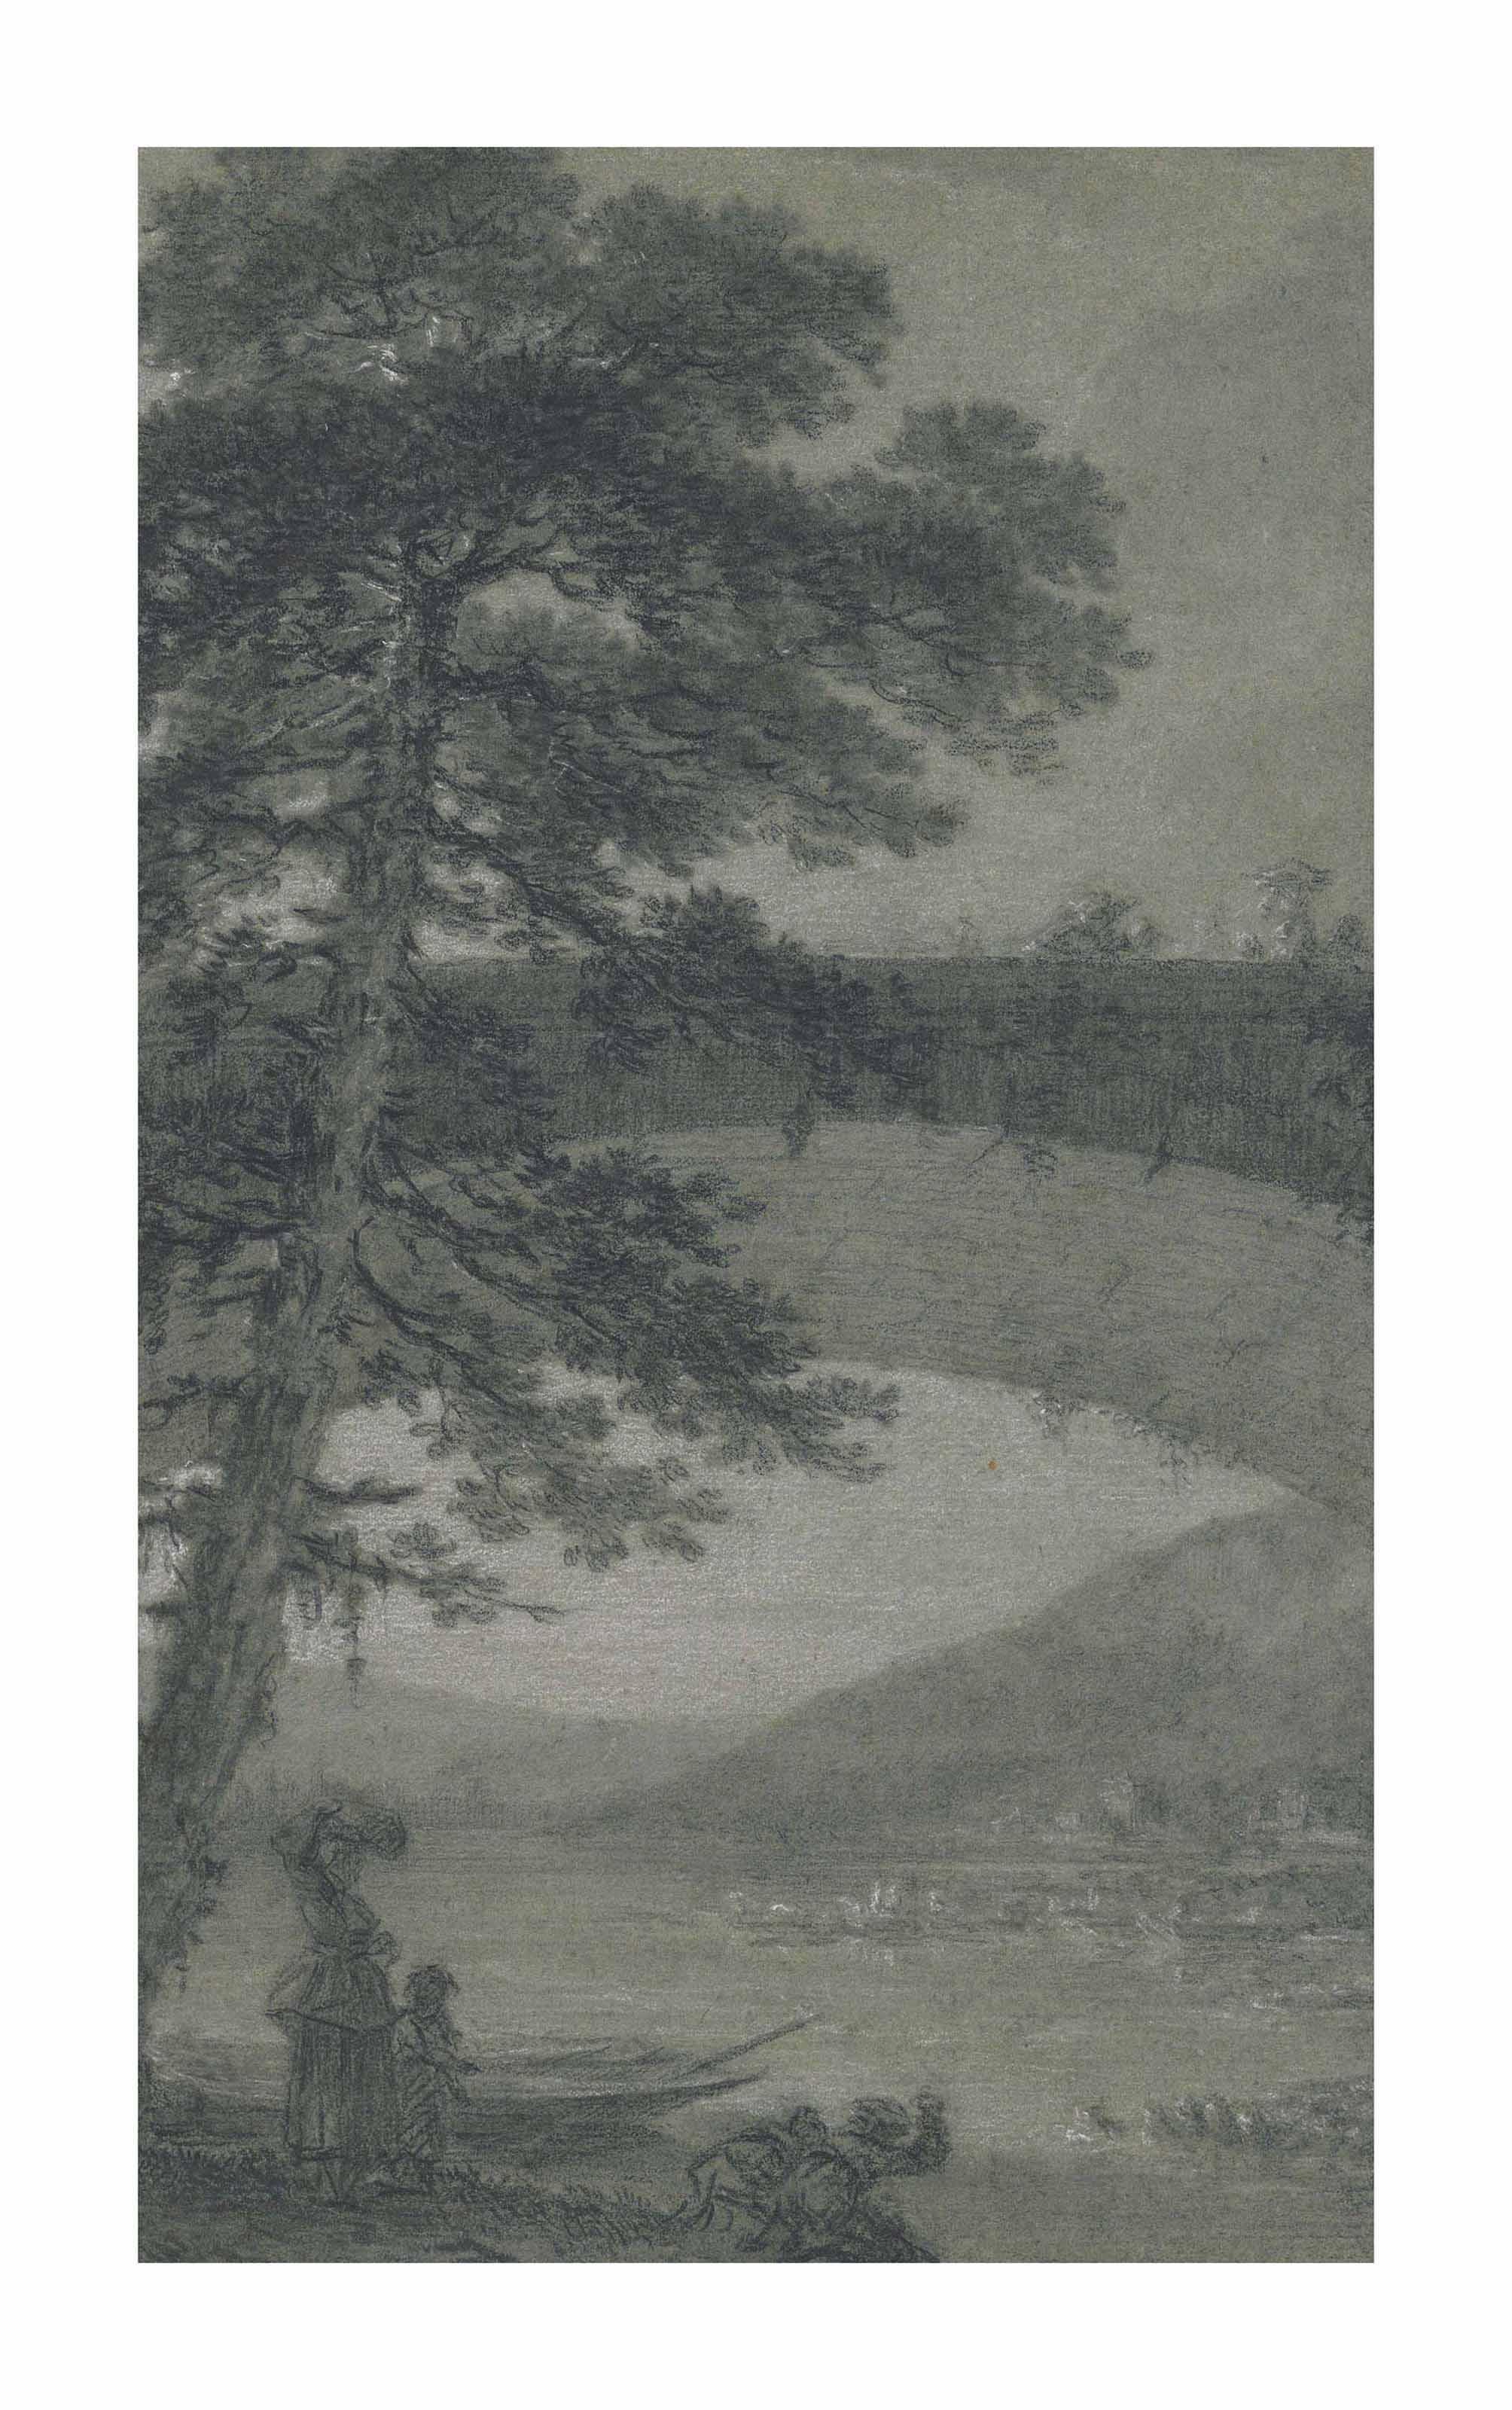 Lavandières et barque sous un pont